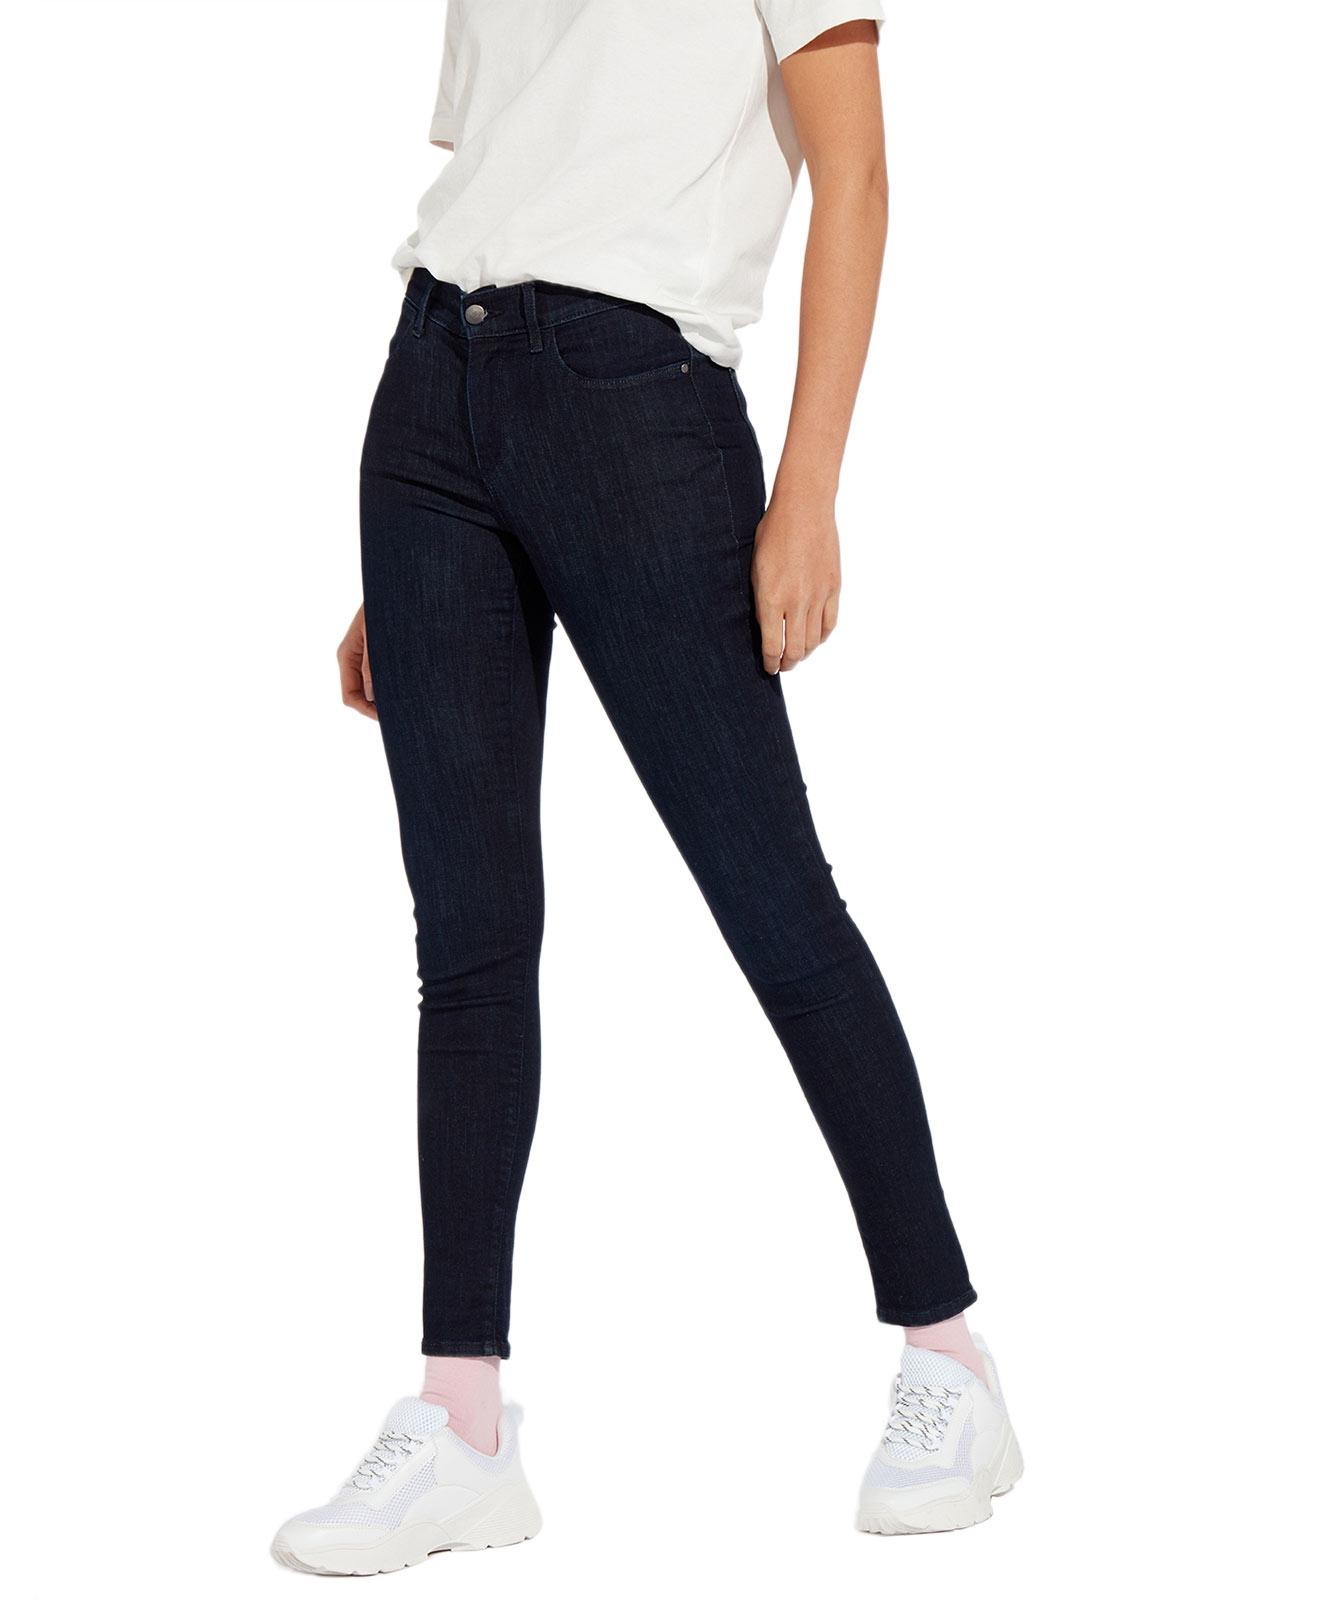 Hosen für Frauen - Wrangler Damen High Waist Jeans in Blue Black  - Onlineshop Jeans Meile